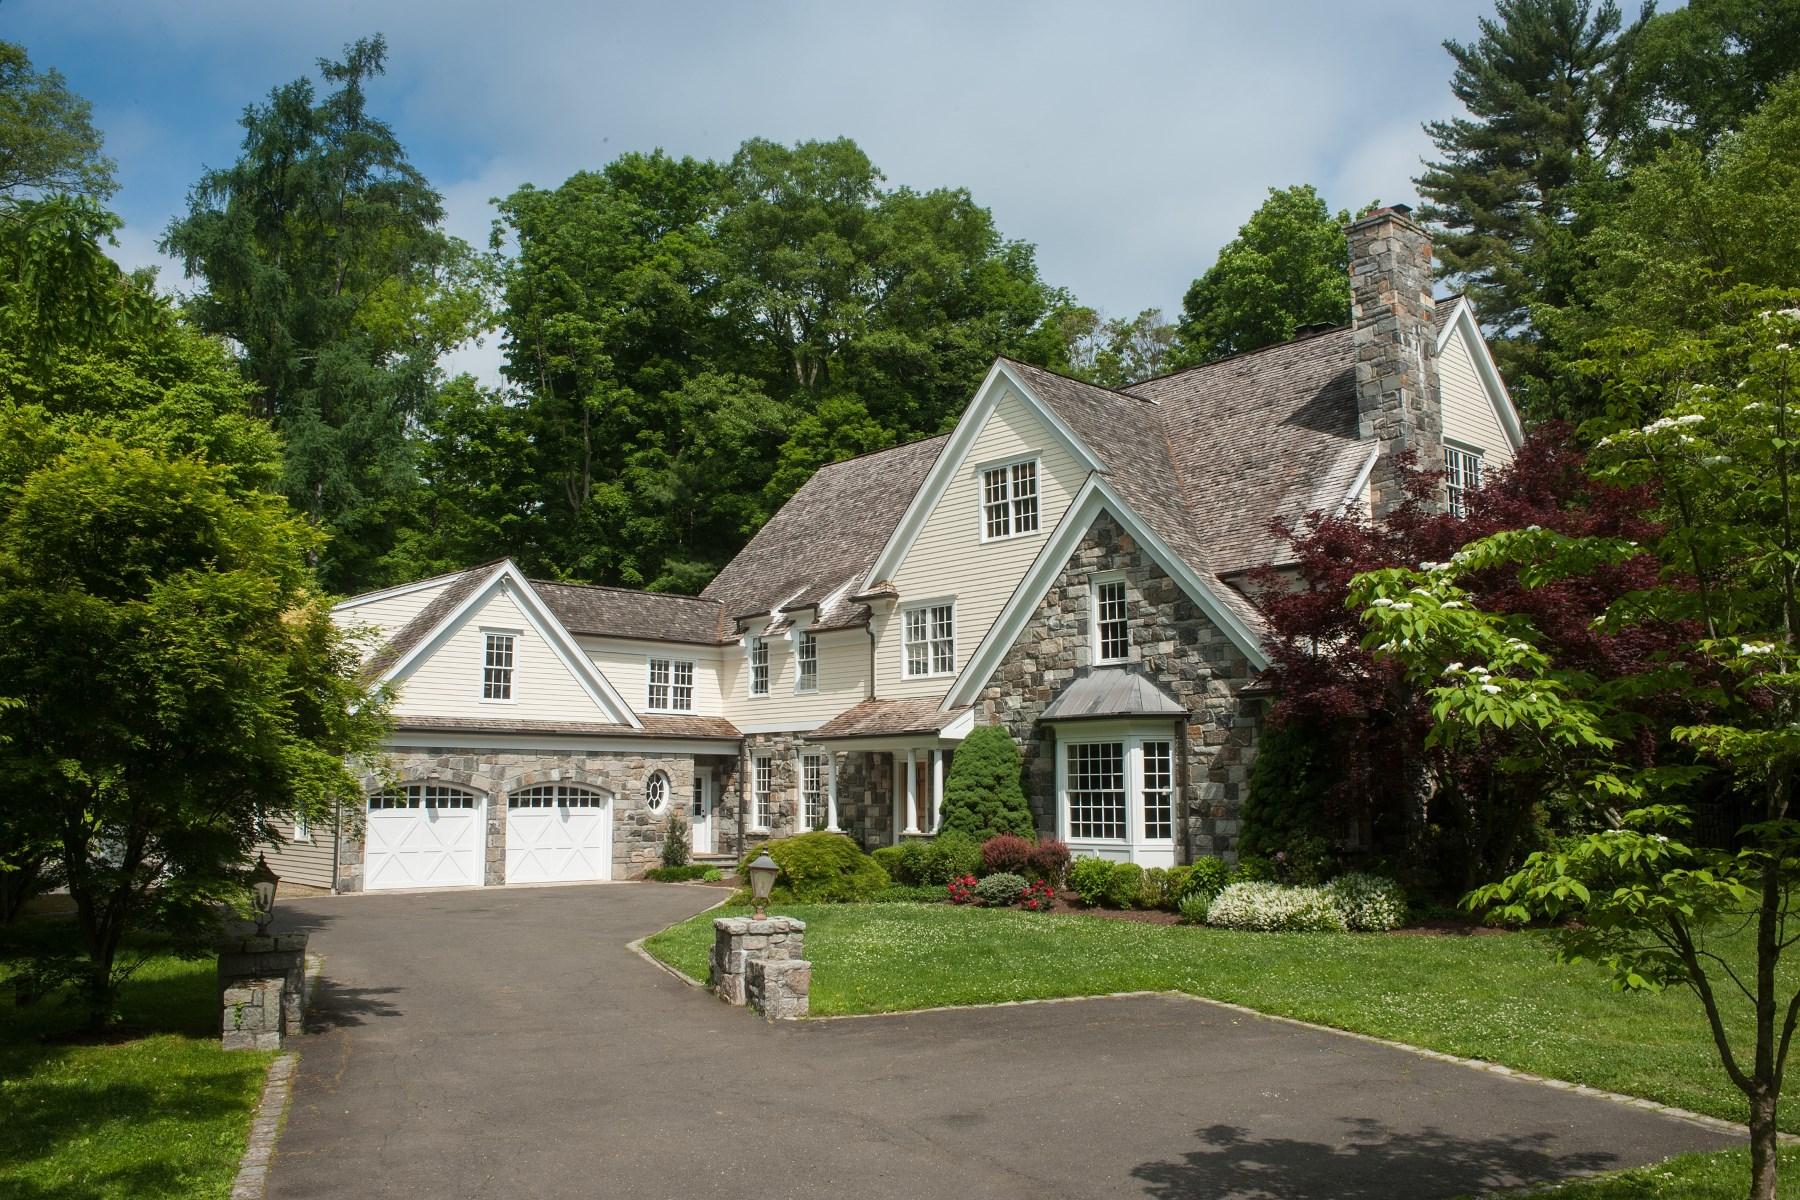 独户住宅 为 销售 在 Mid-Country Serenity 25 Pecksland Road South Of Parkway, Greenwich, 康涅狄格州 06831 美国